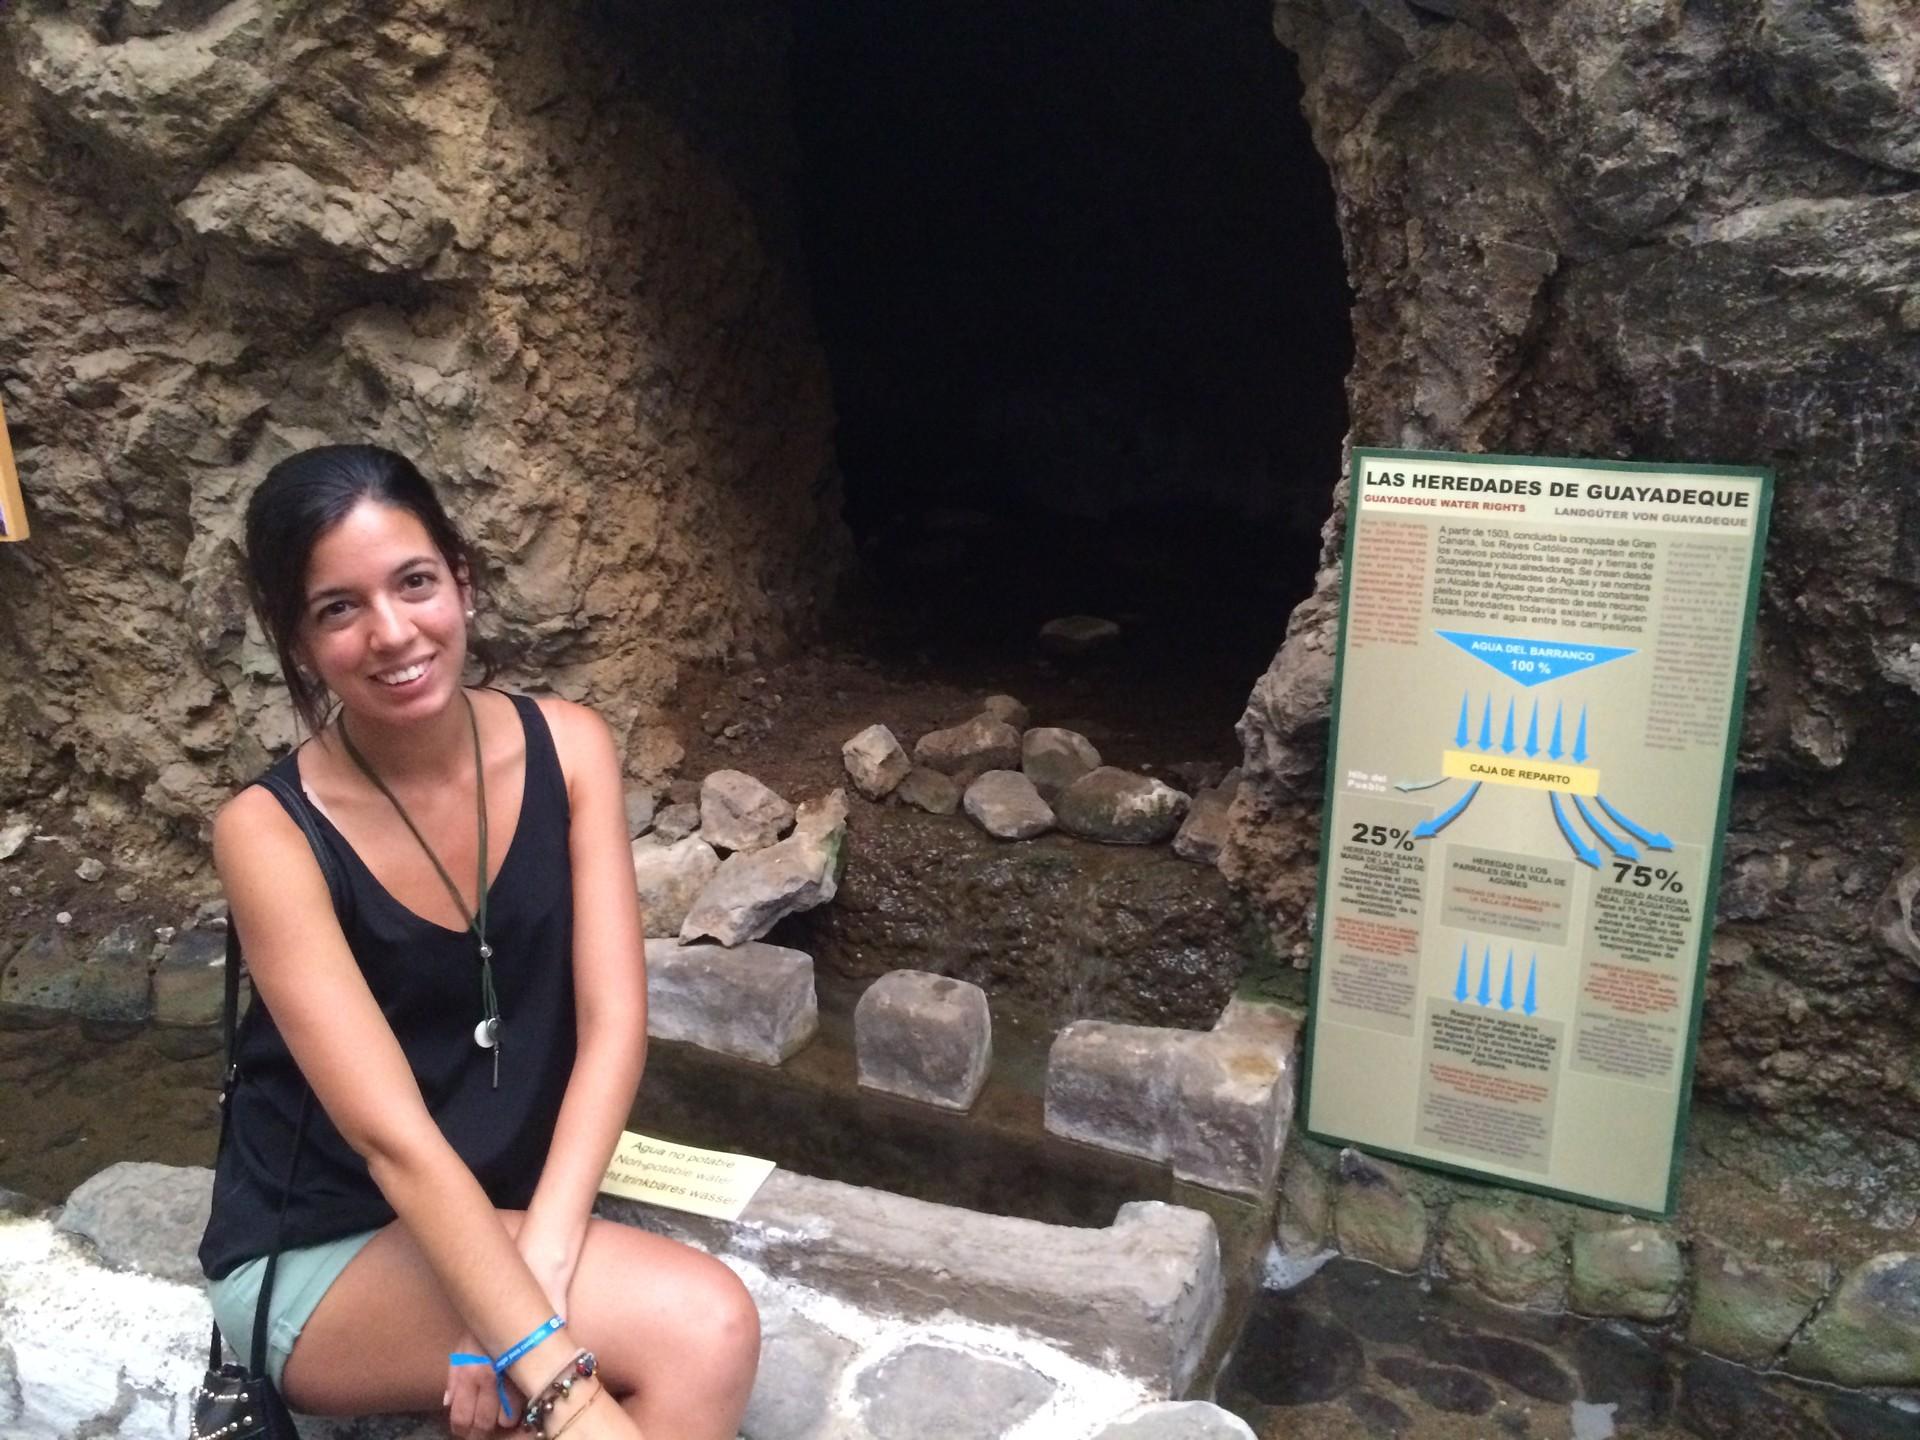 museo-guayadeque-d39b1567c3e545a84593bc9